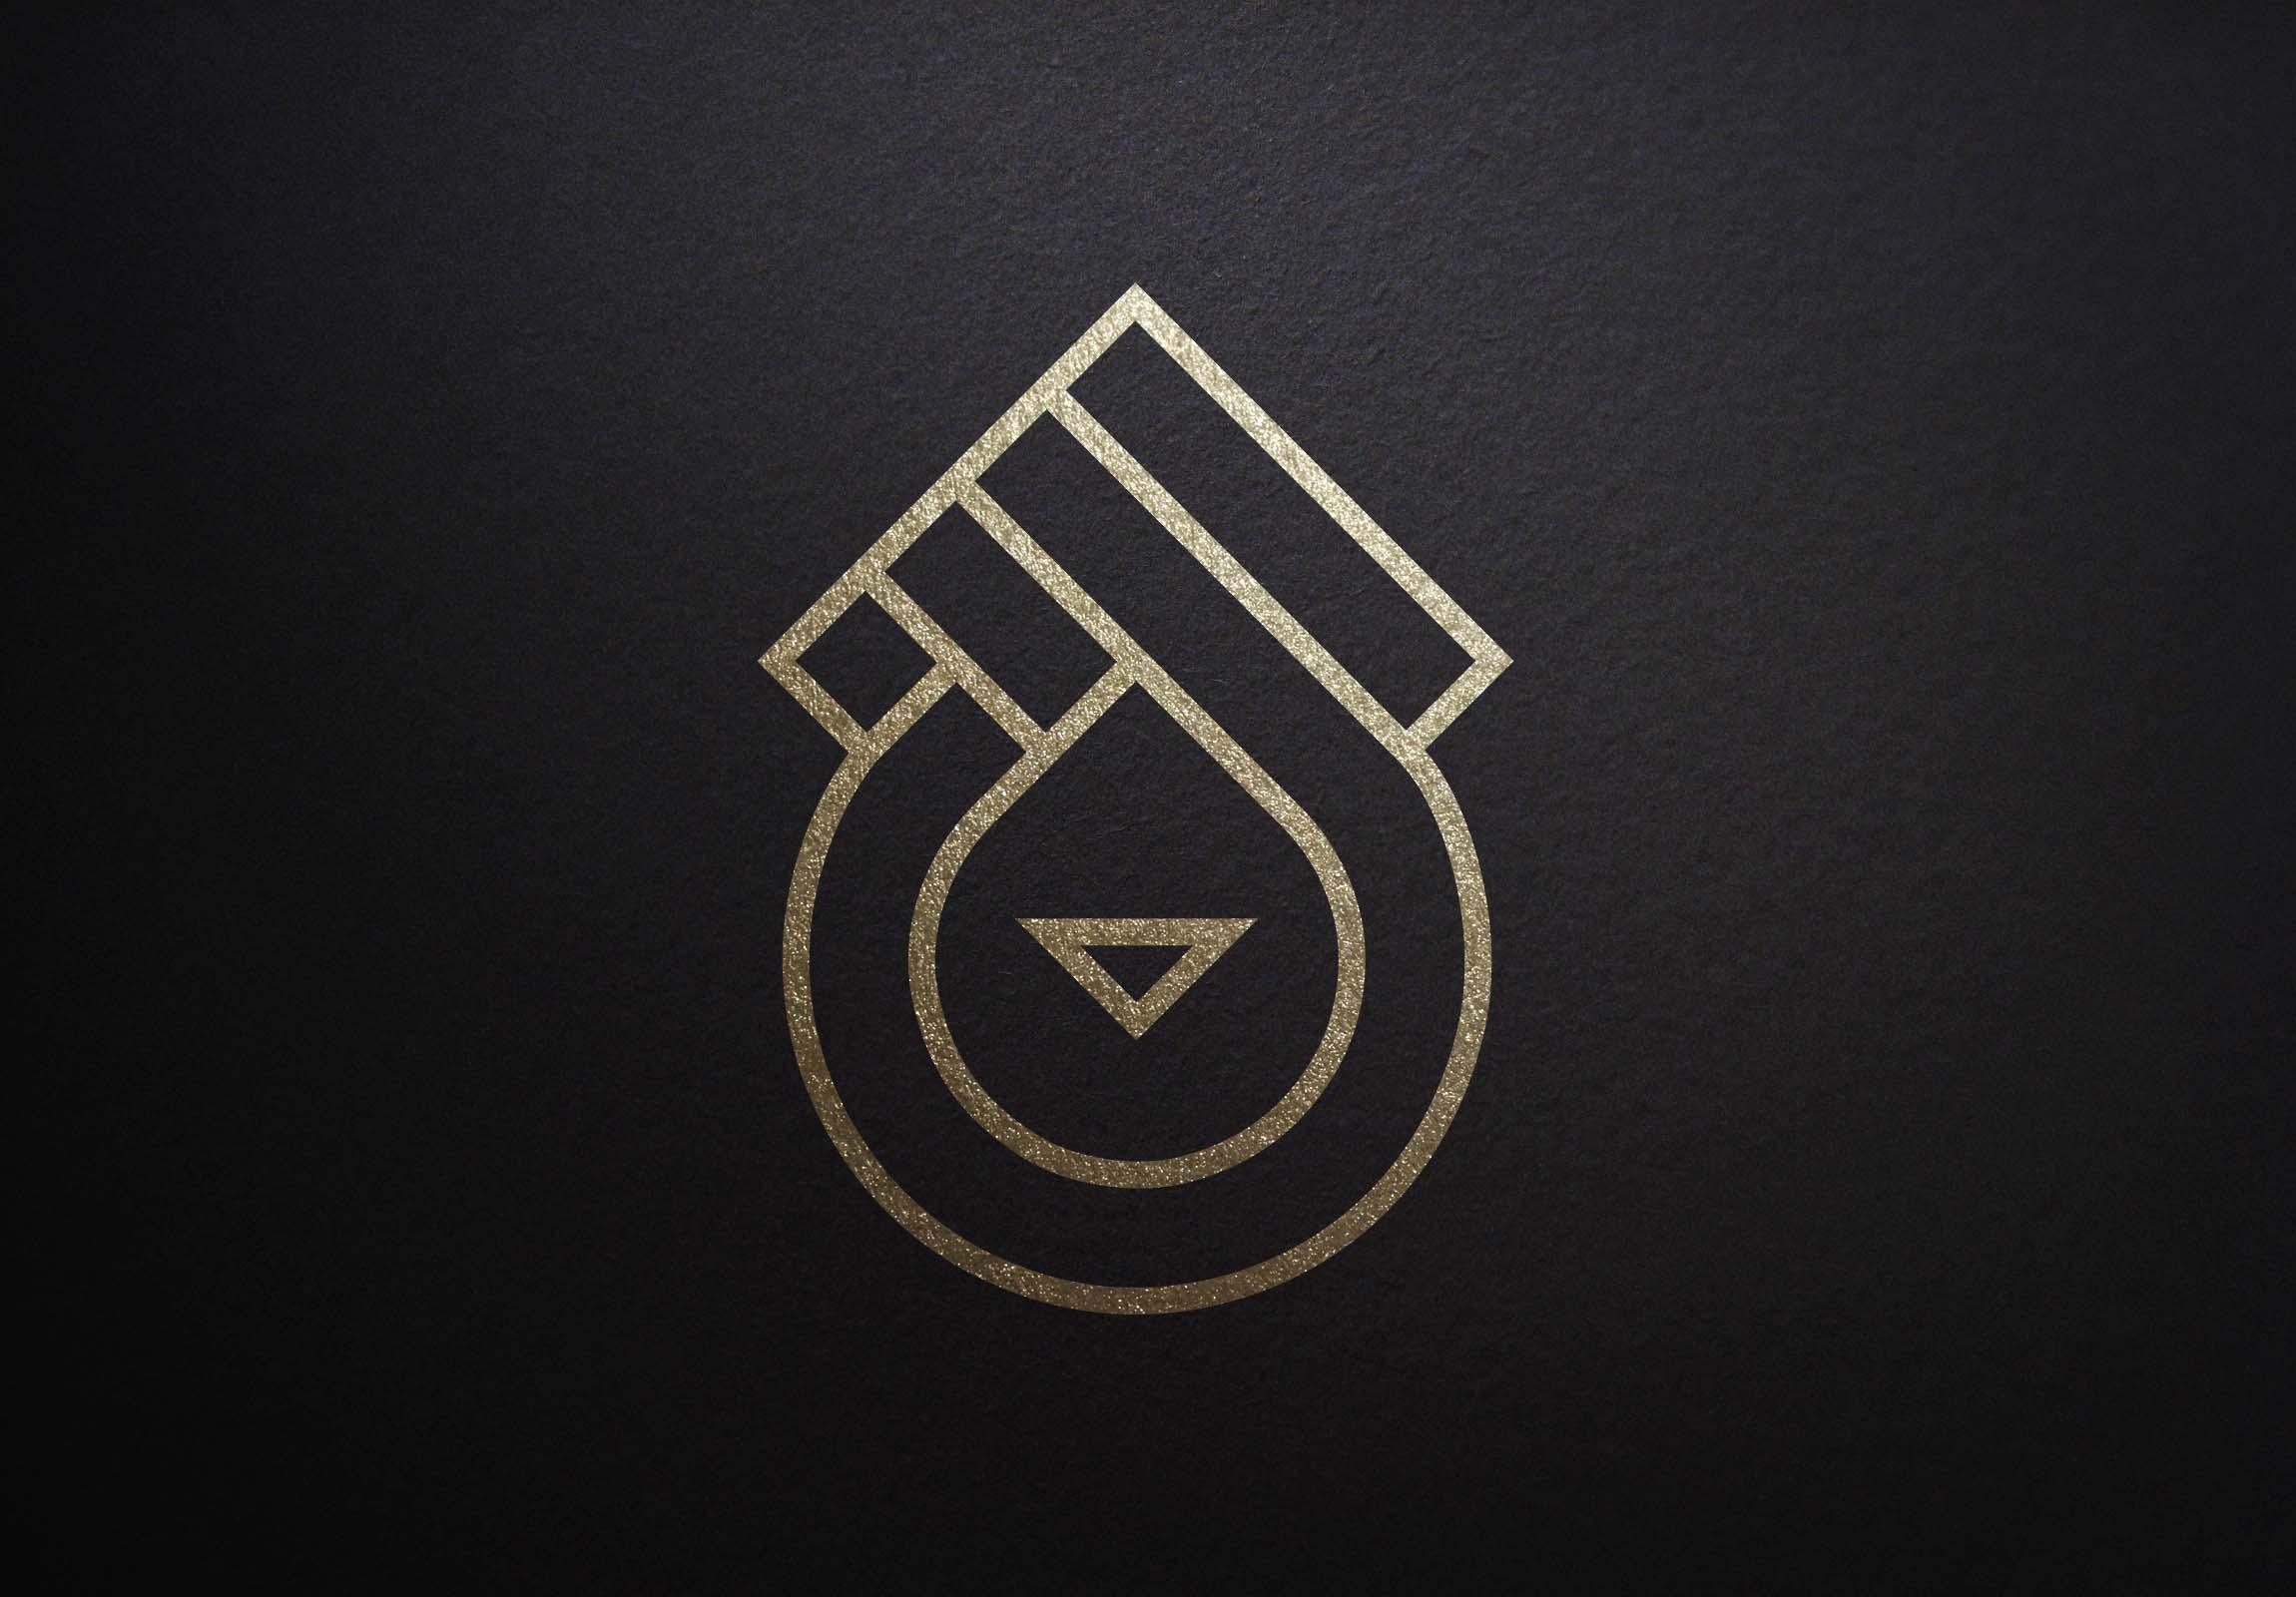 Разработать логотип, визитку, фирменный бланк. фото f_79158f8c7f180a2c.jpg